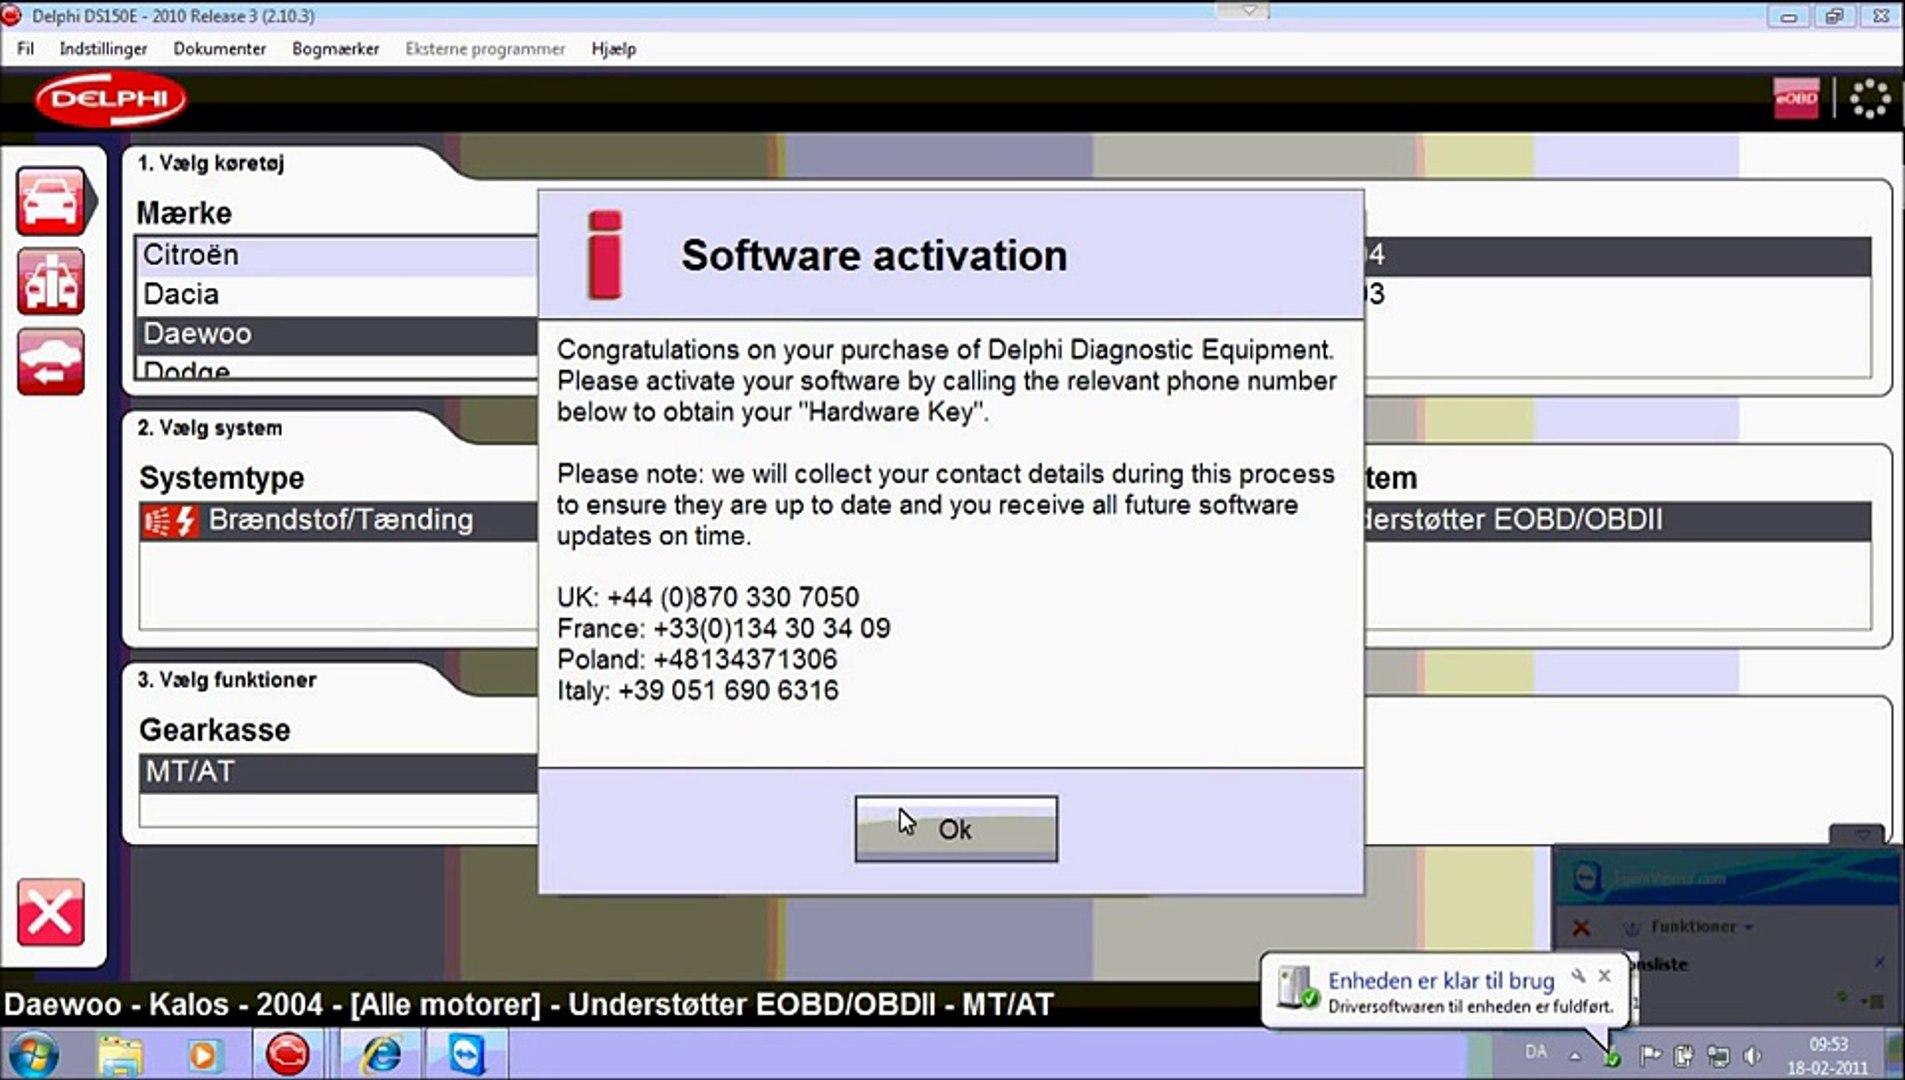 Demo - Opsætning af Delphi DS150E